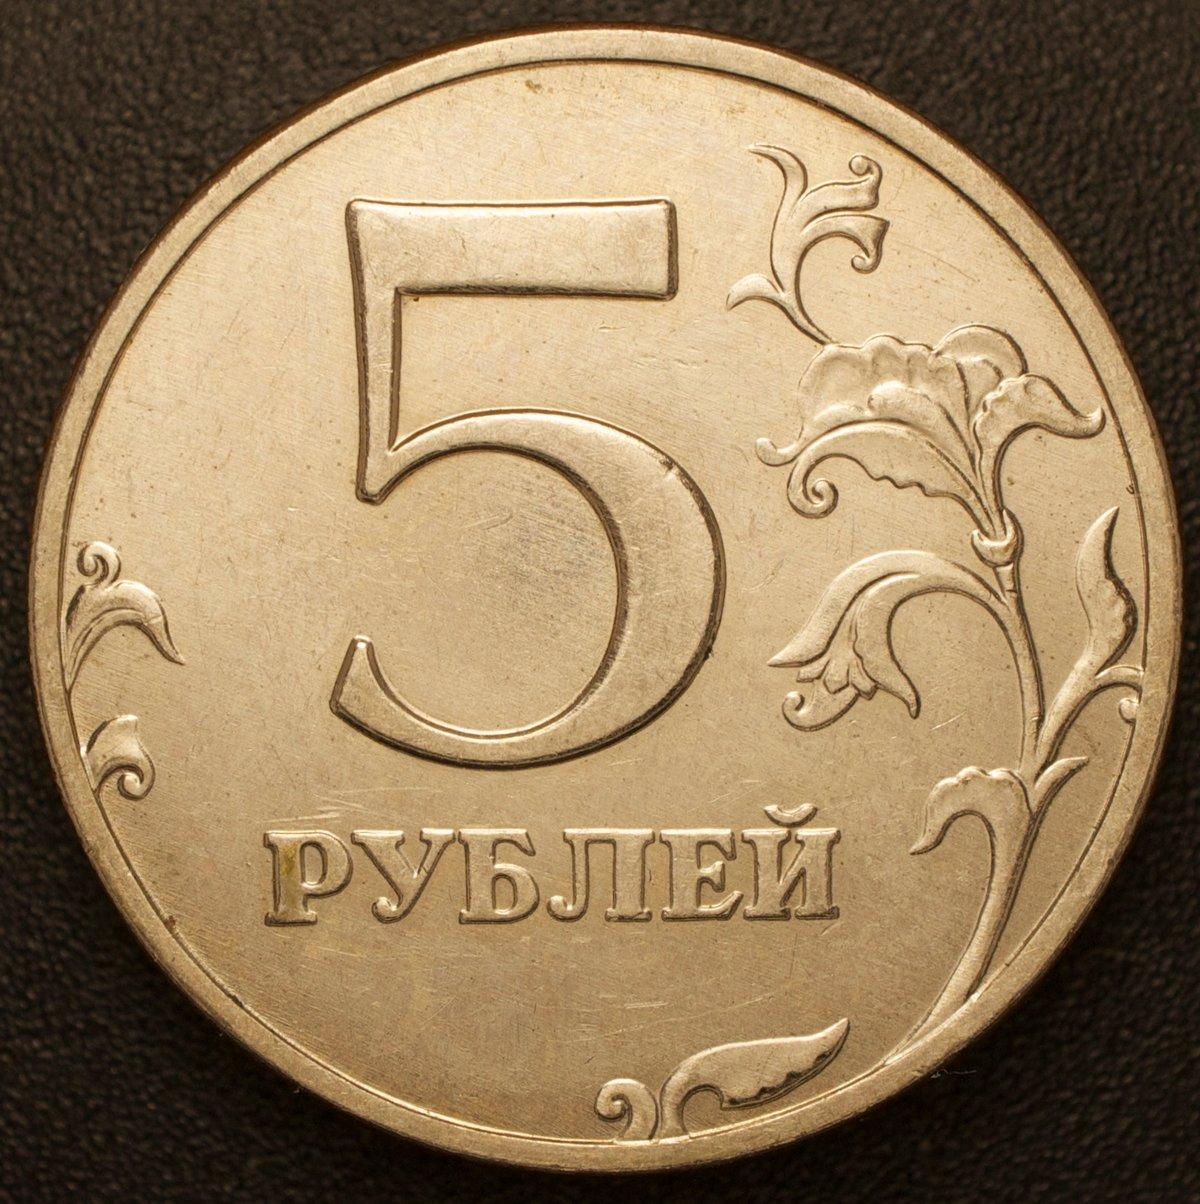 Картинки с монетами для детей, буква картинки